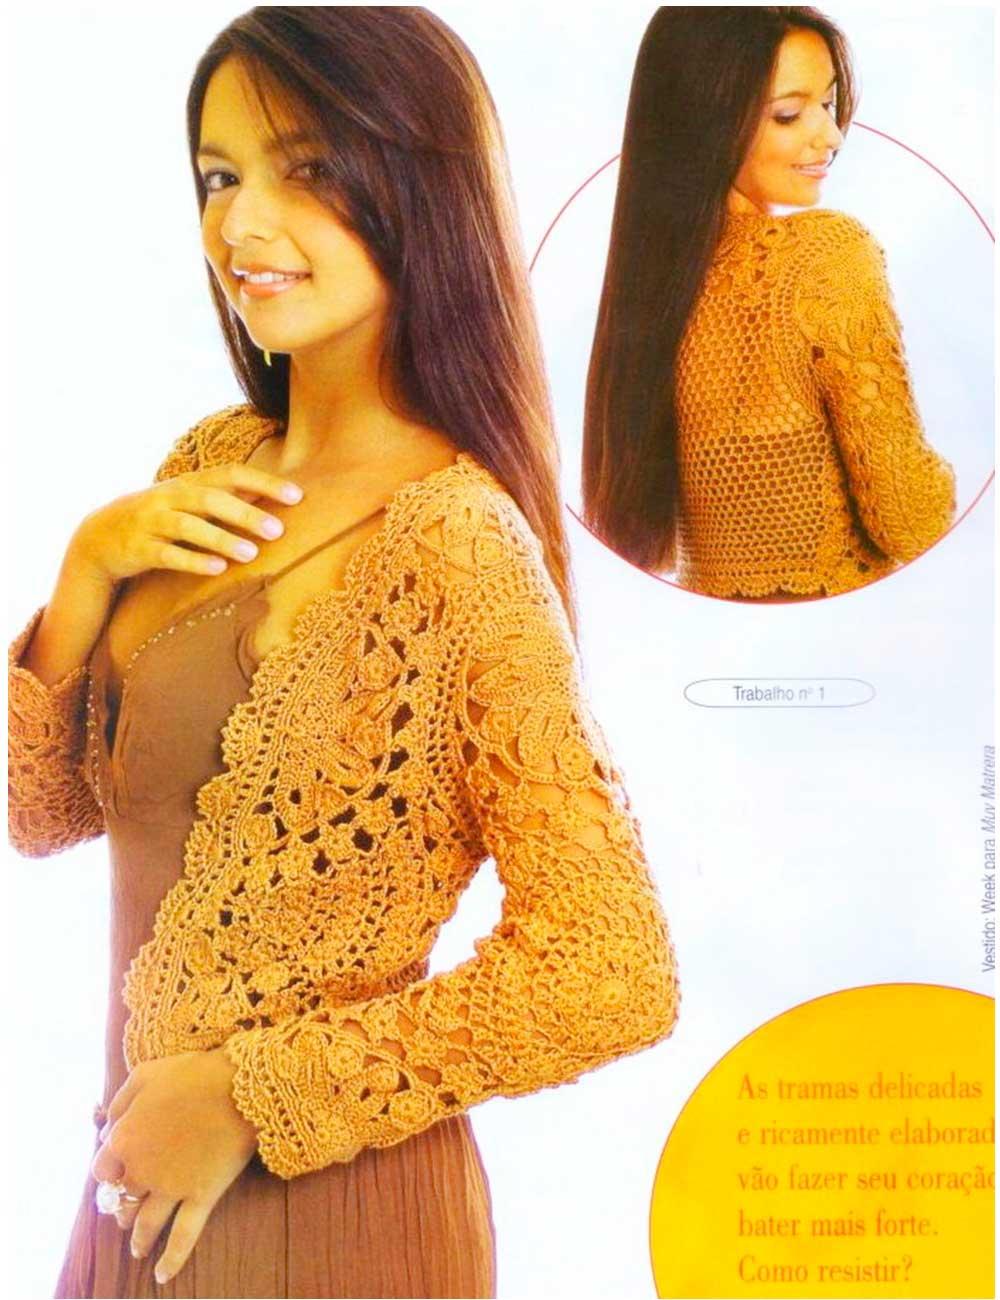 chaqueta con lazo o cinta patrón crochet